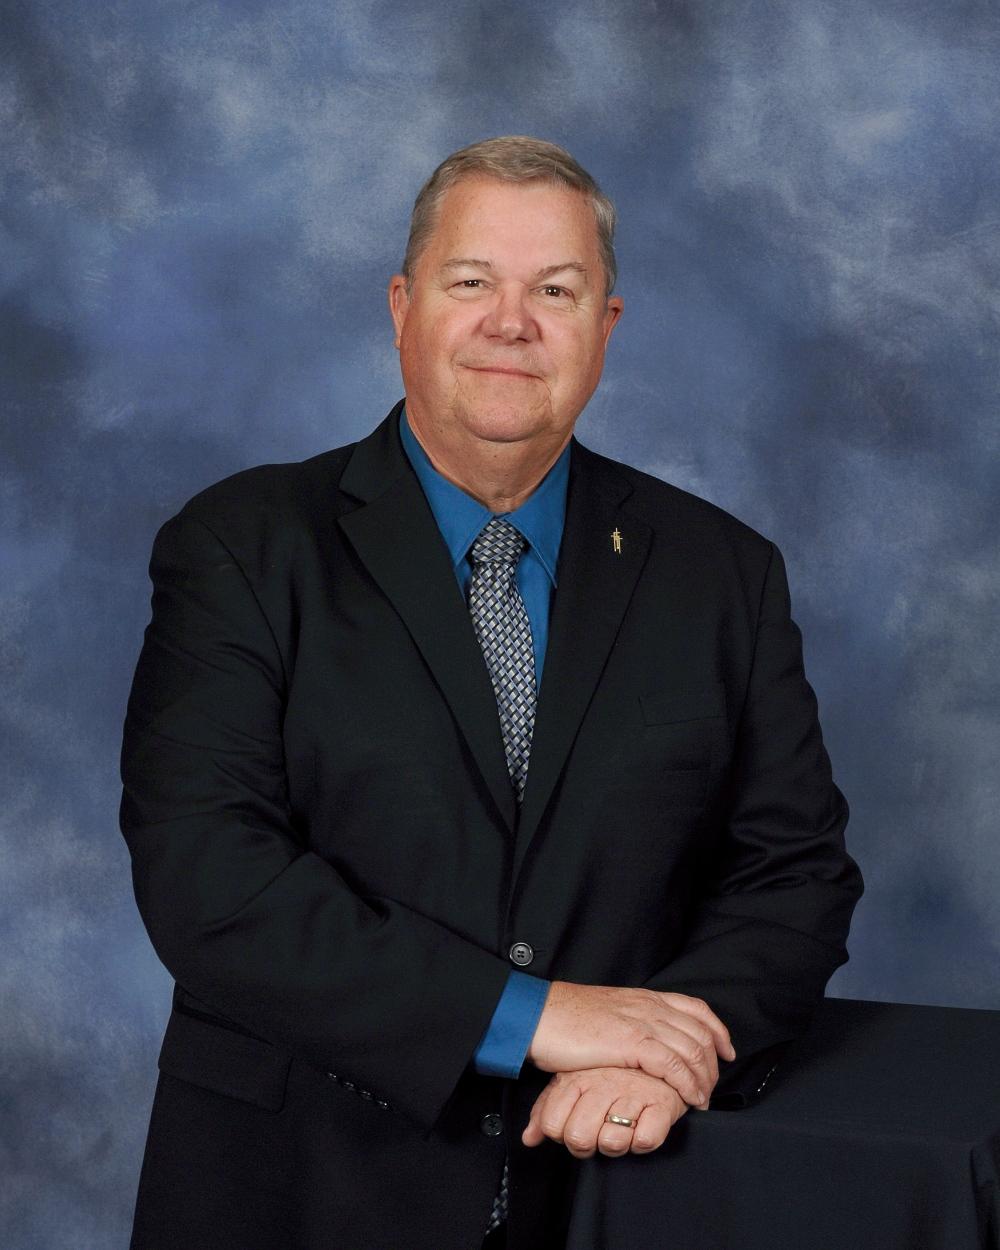 Senior Pastor Tom Porter